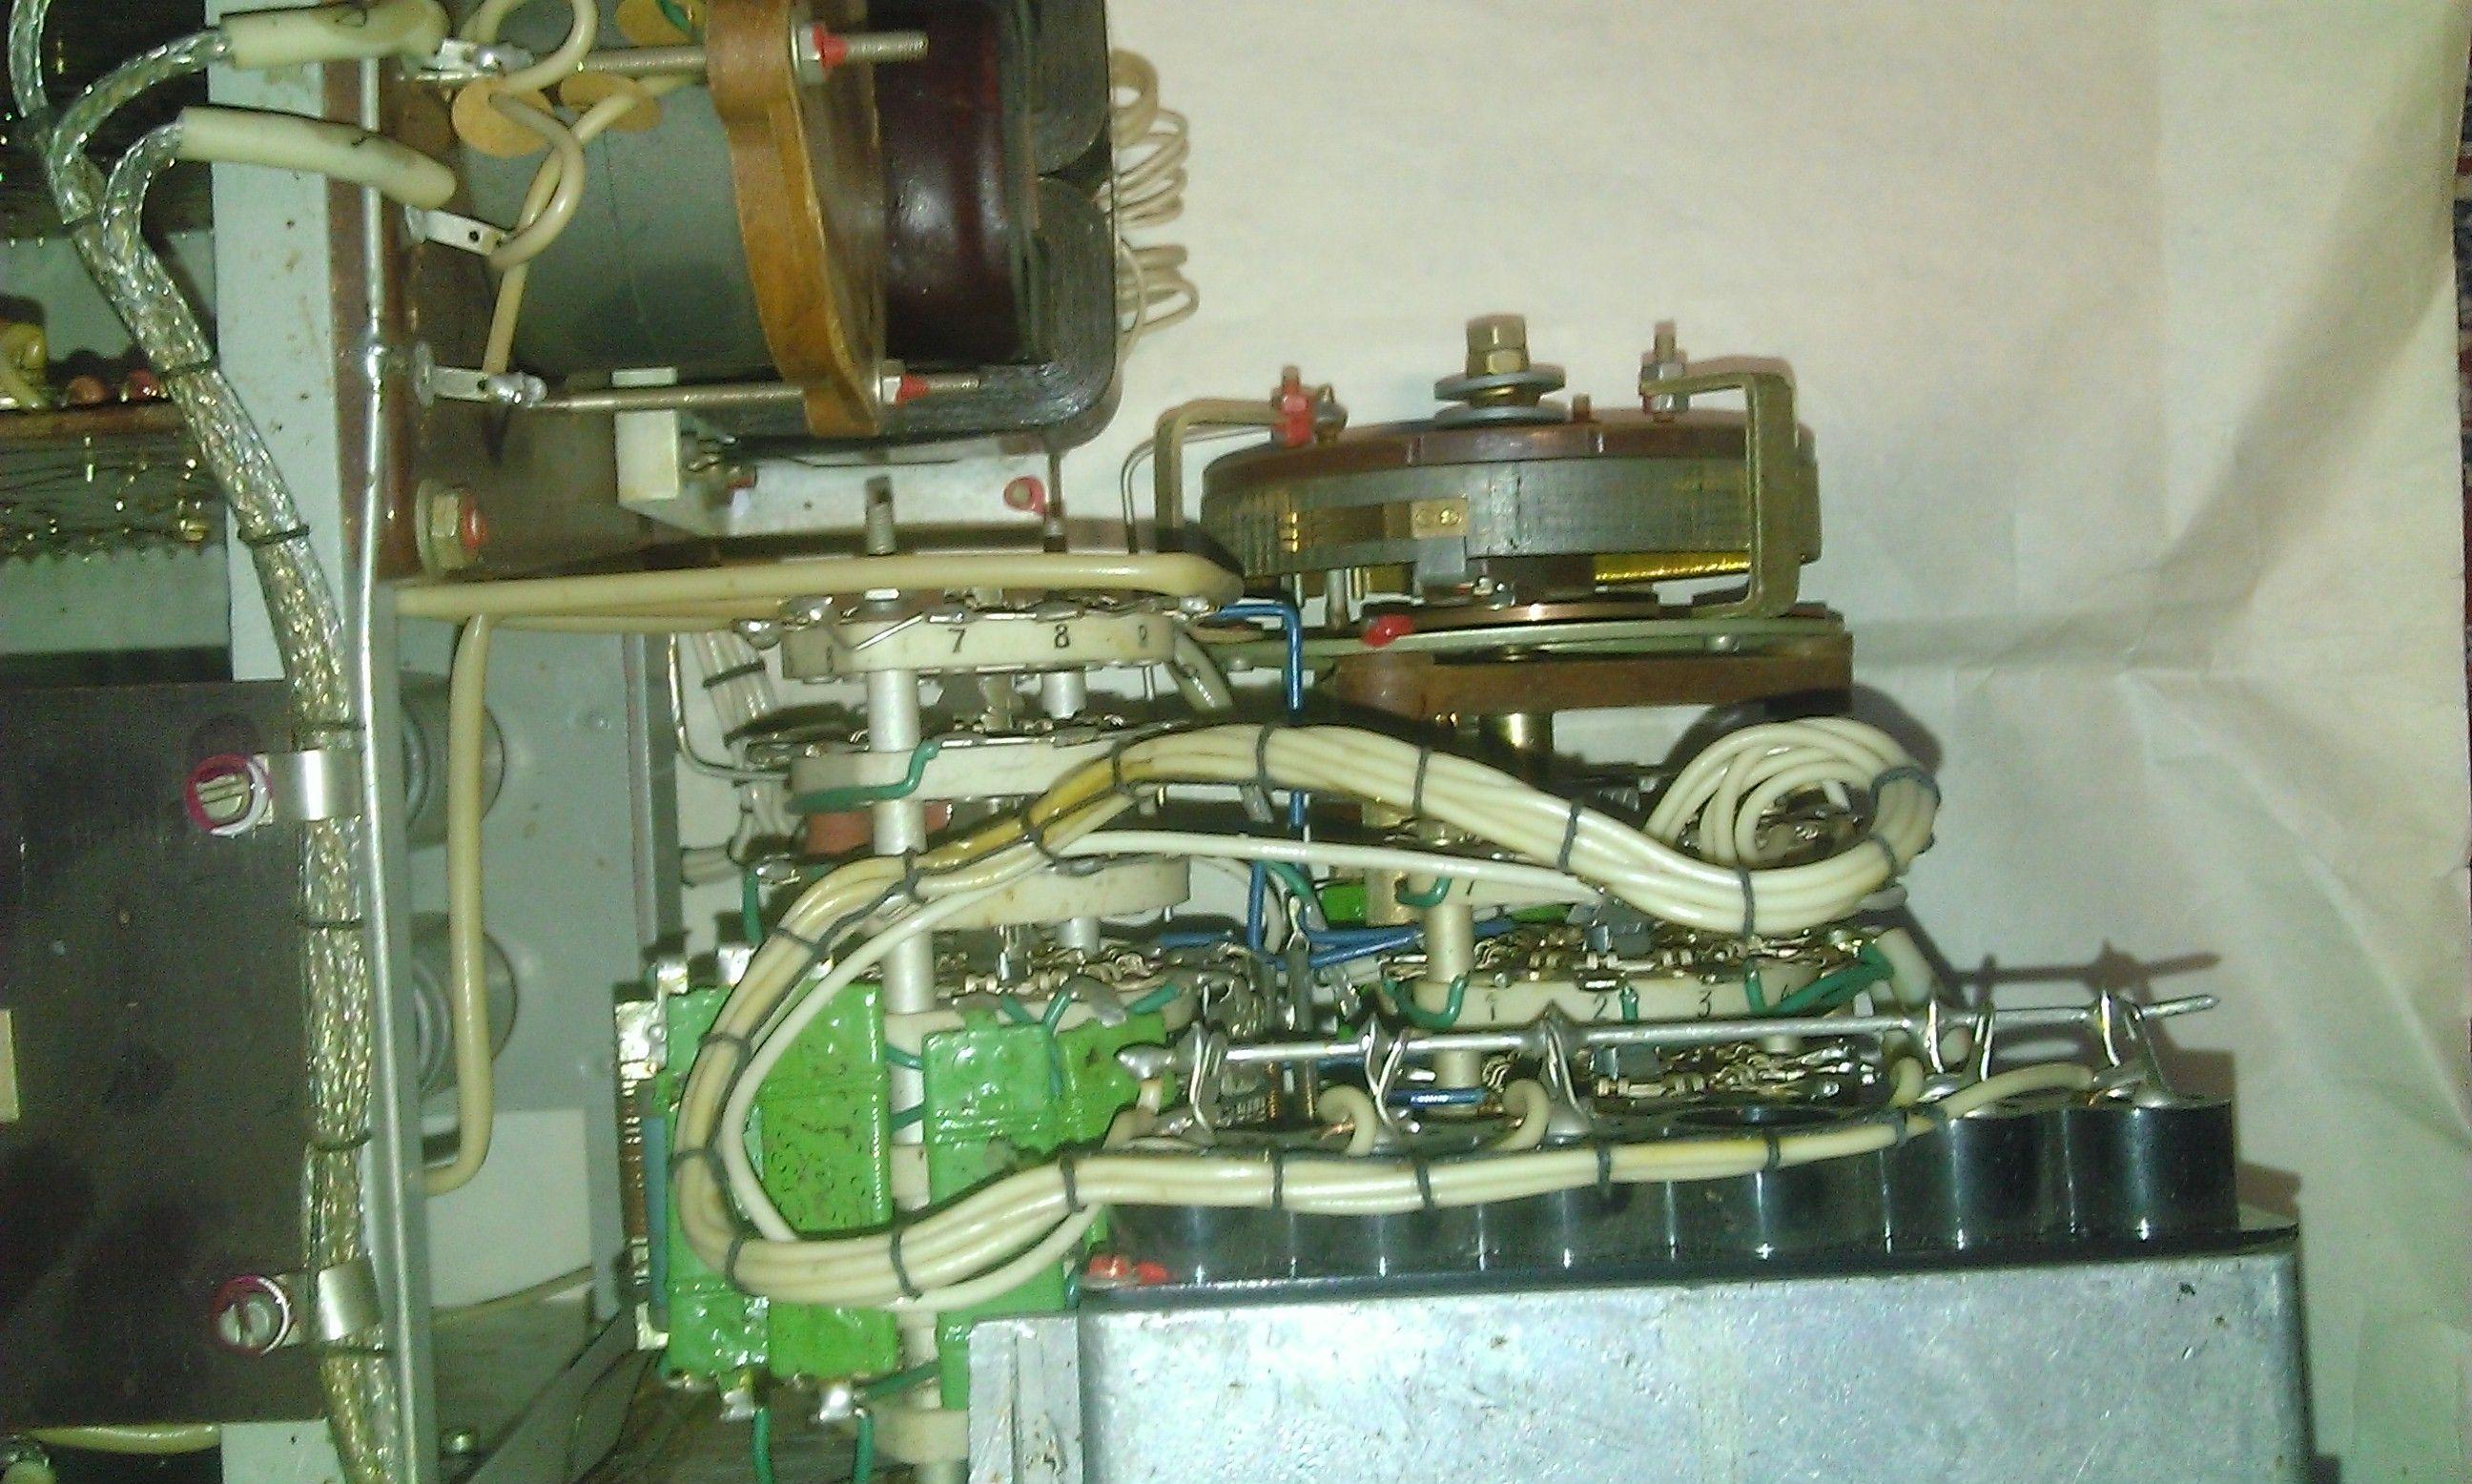 Р577 - вид на индиактор режимов, и ступенчатого переключателя сопротивлений и реохорд